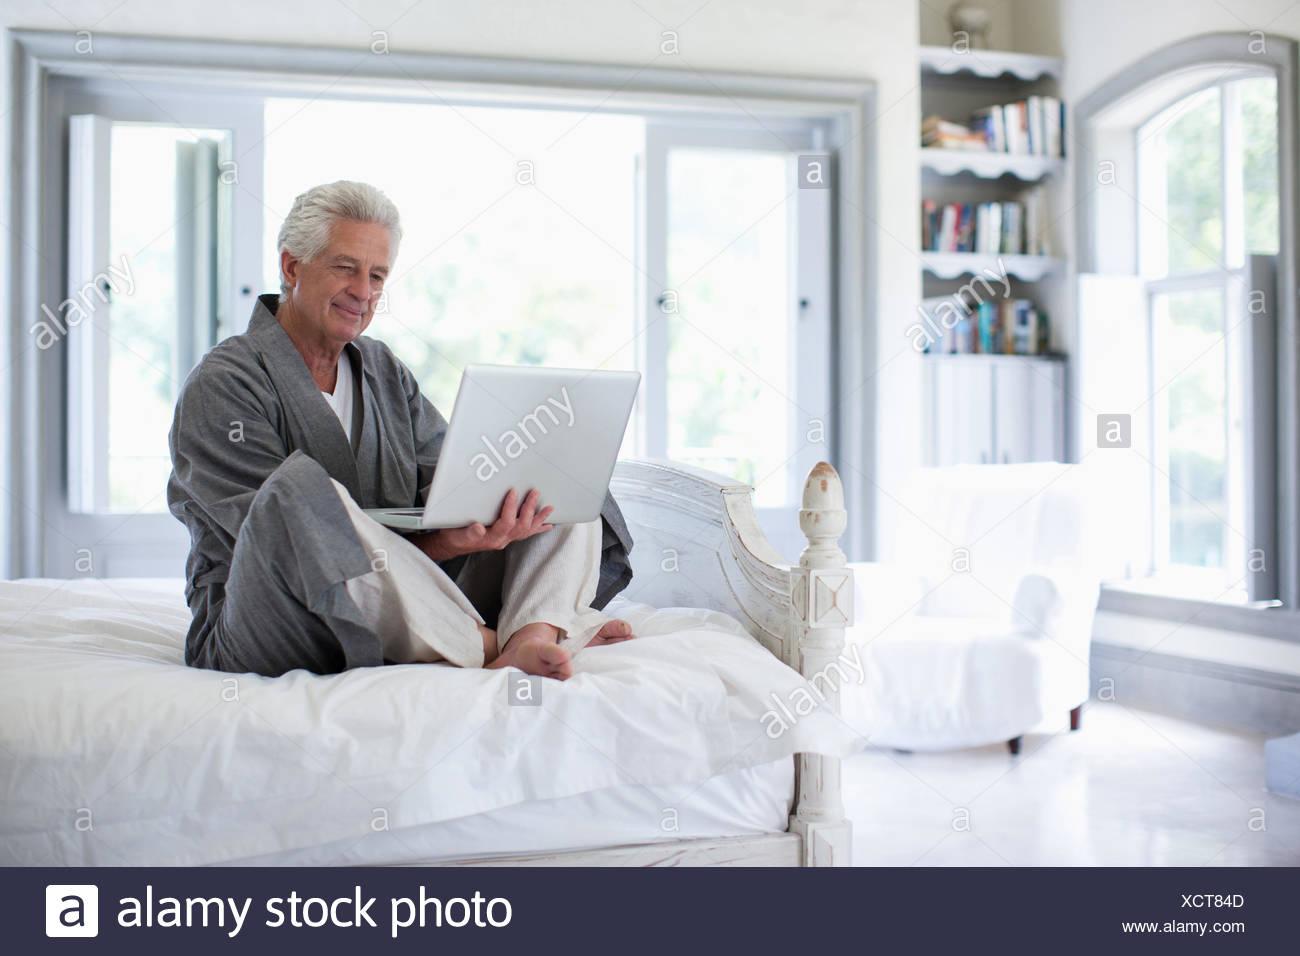 Senior man in bathrobe using laptop in bedroom - Stock Image